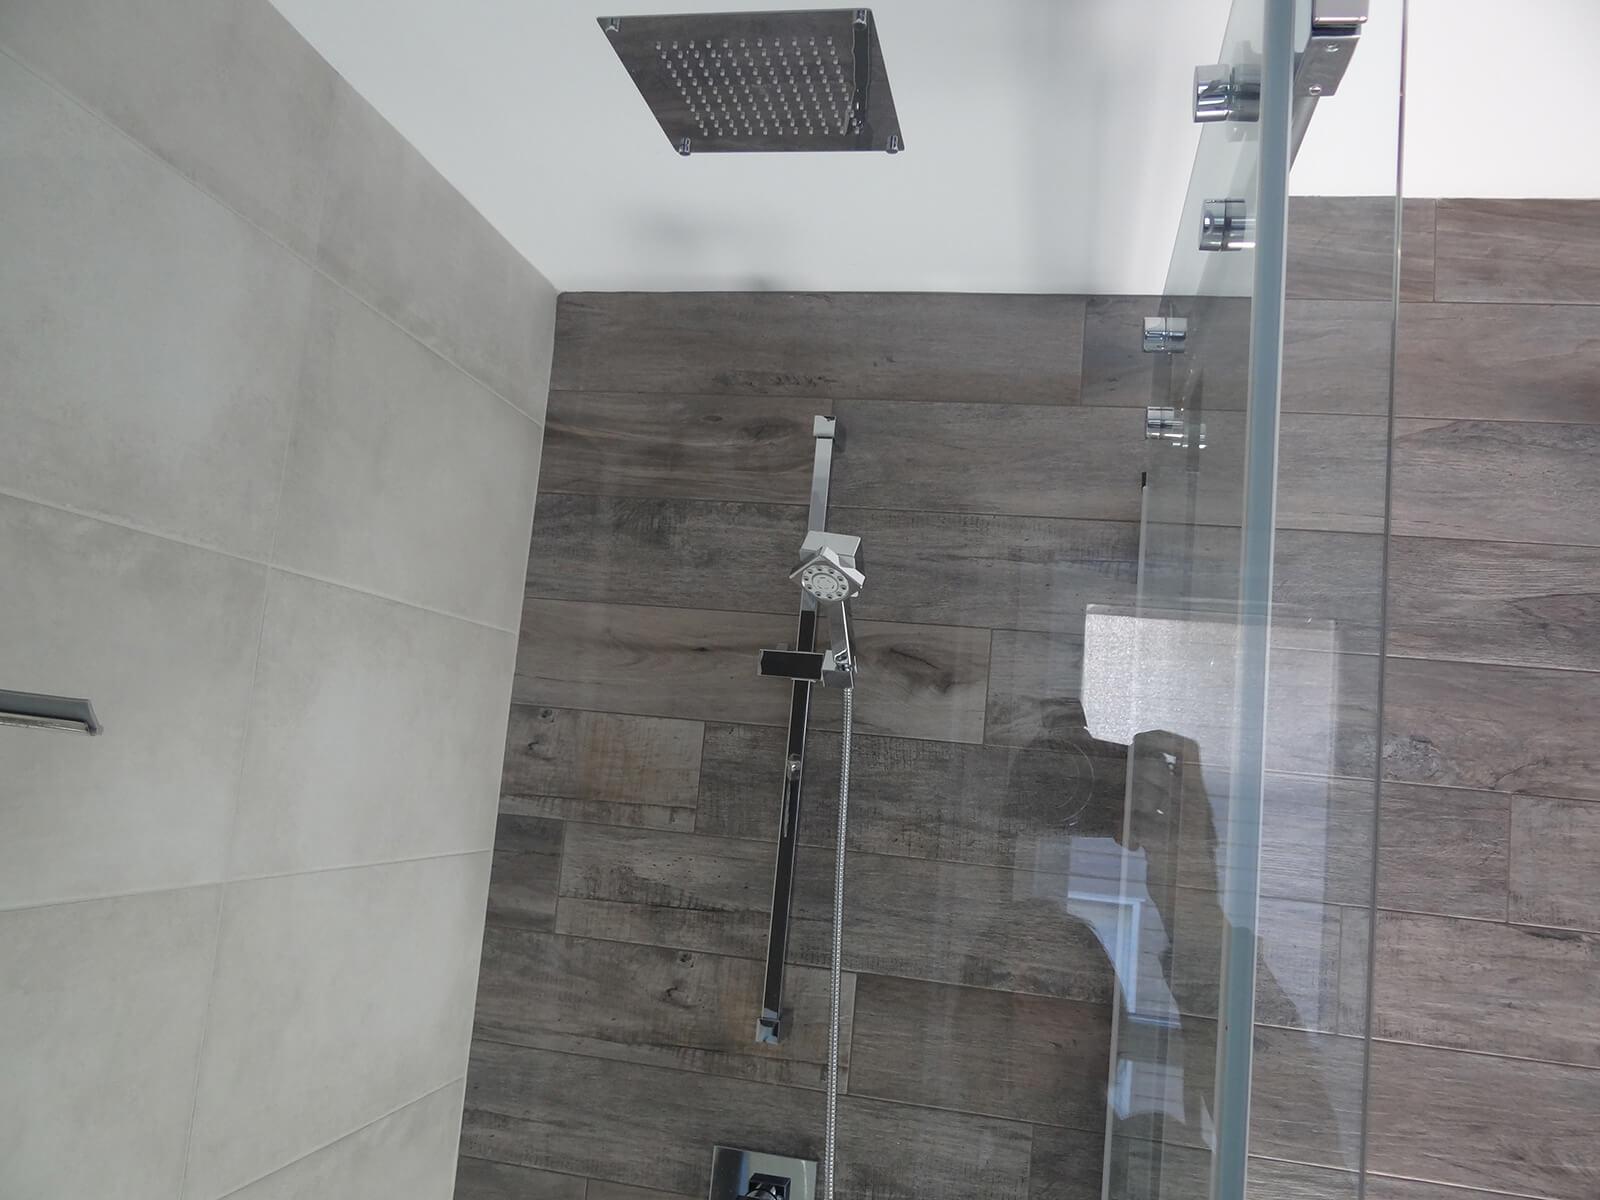 douche tête de pluie